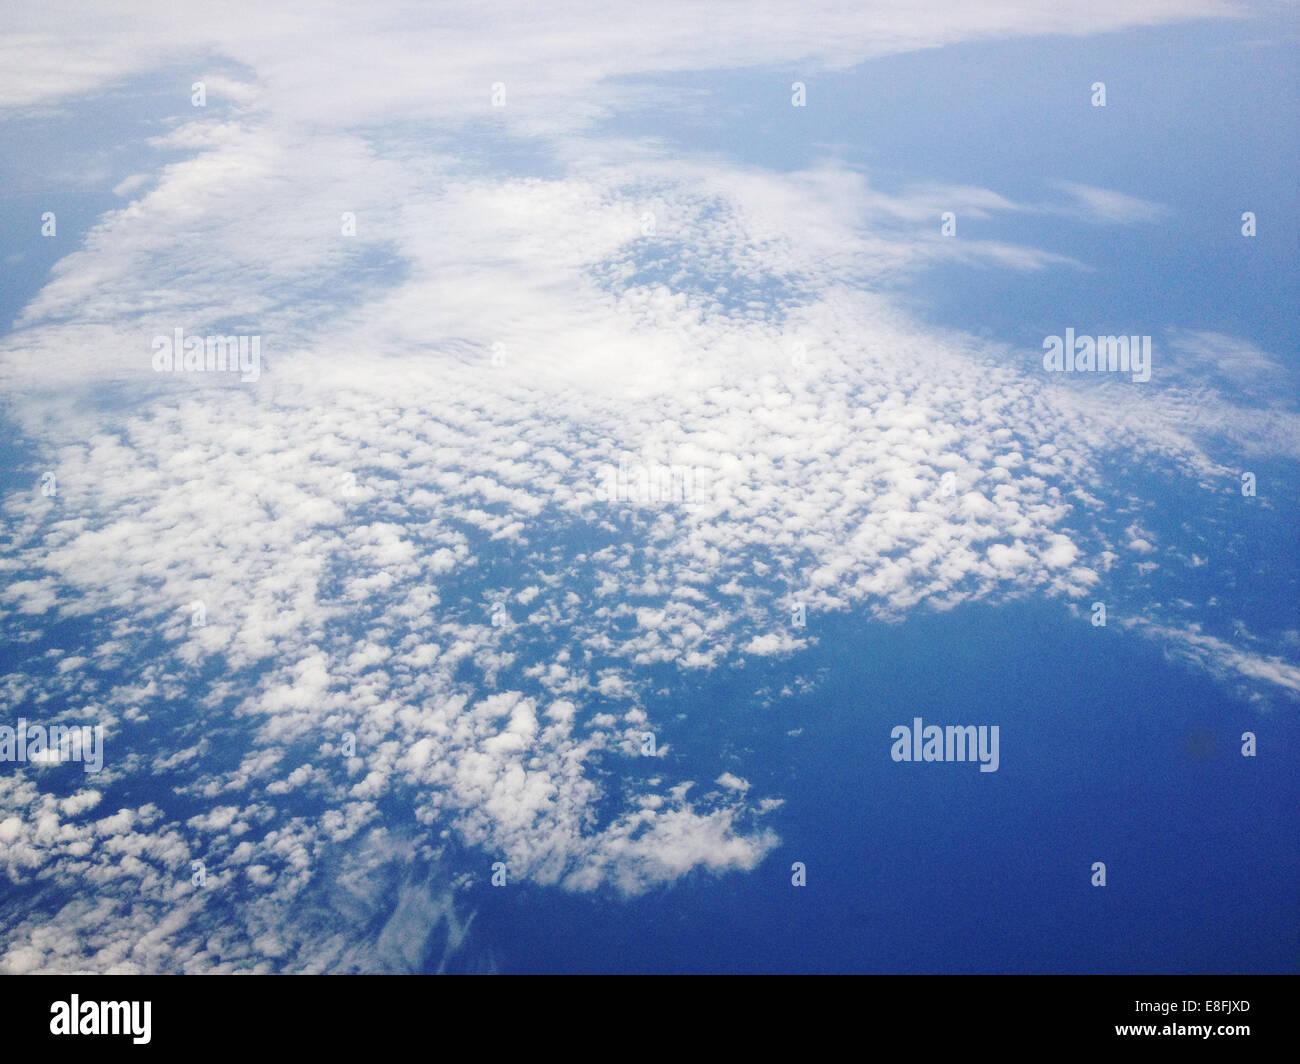 Dänemark, Cirrus-Wolken von oben Stockbild